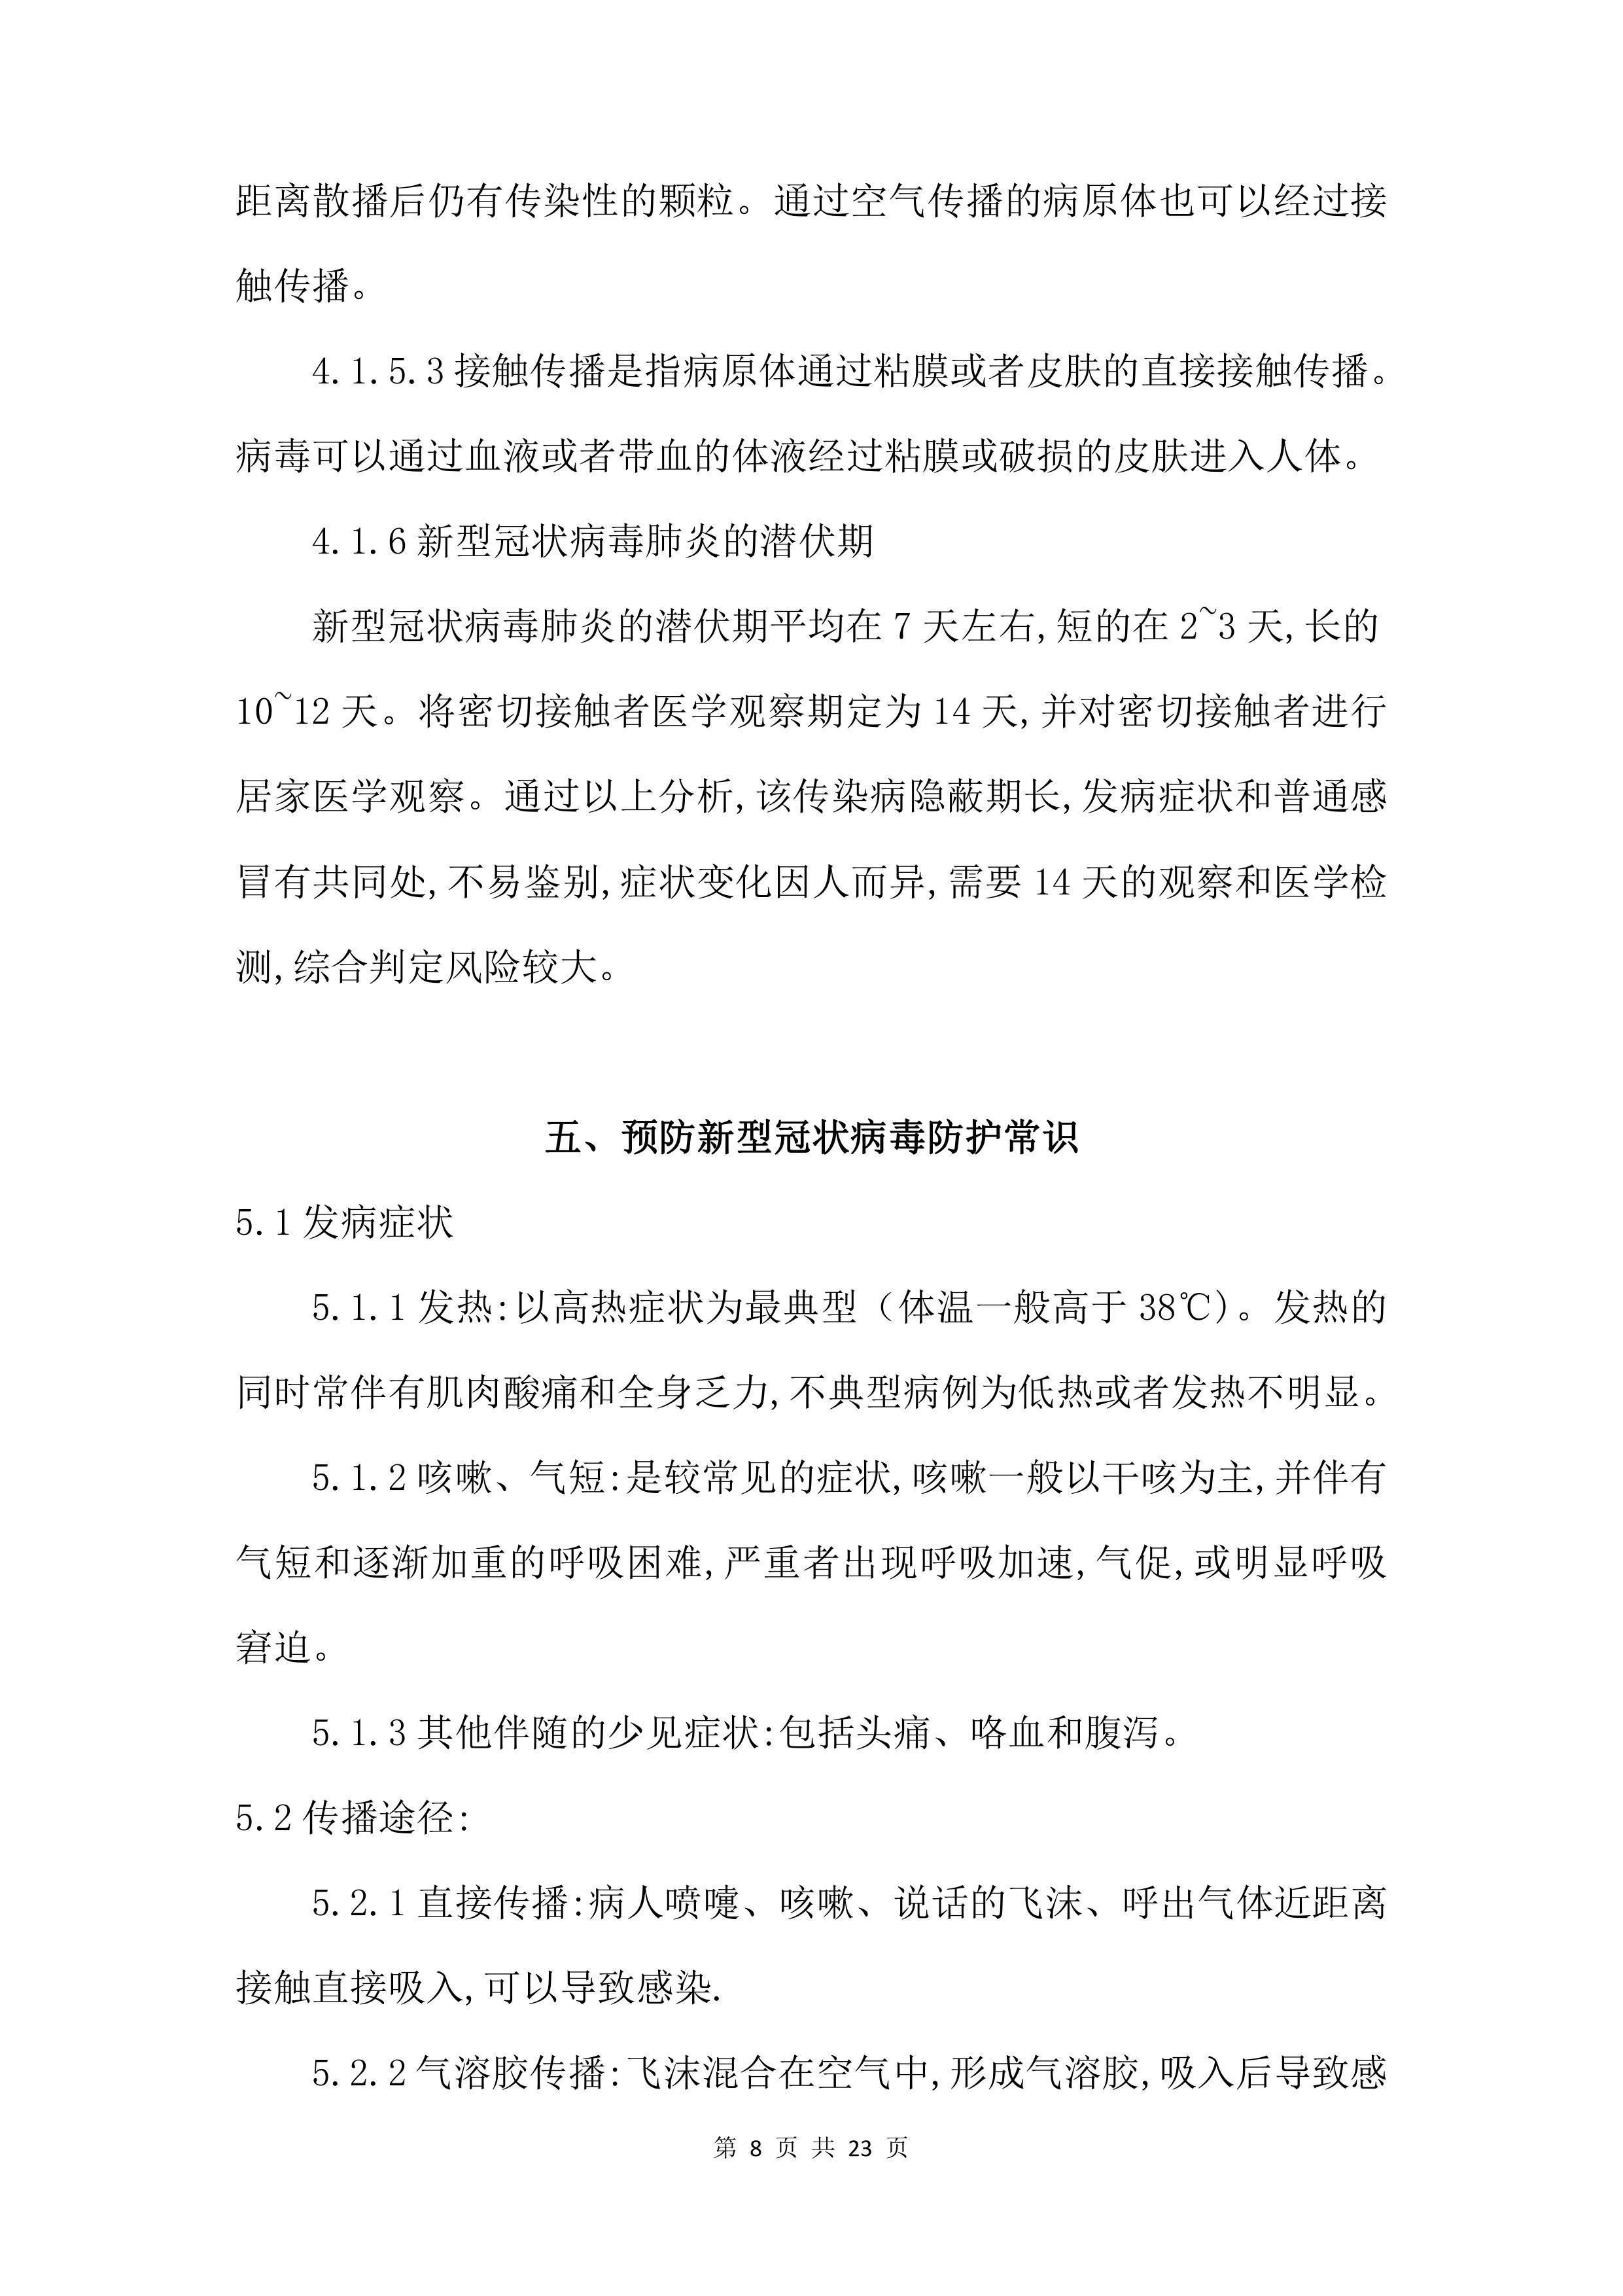 第11頁.jpg